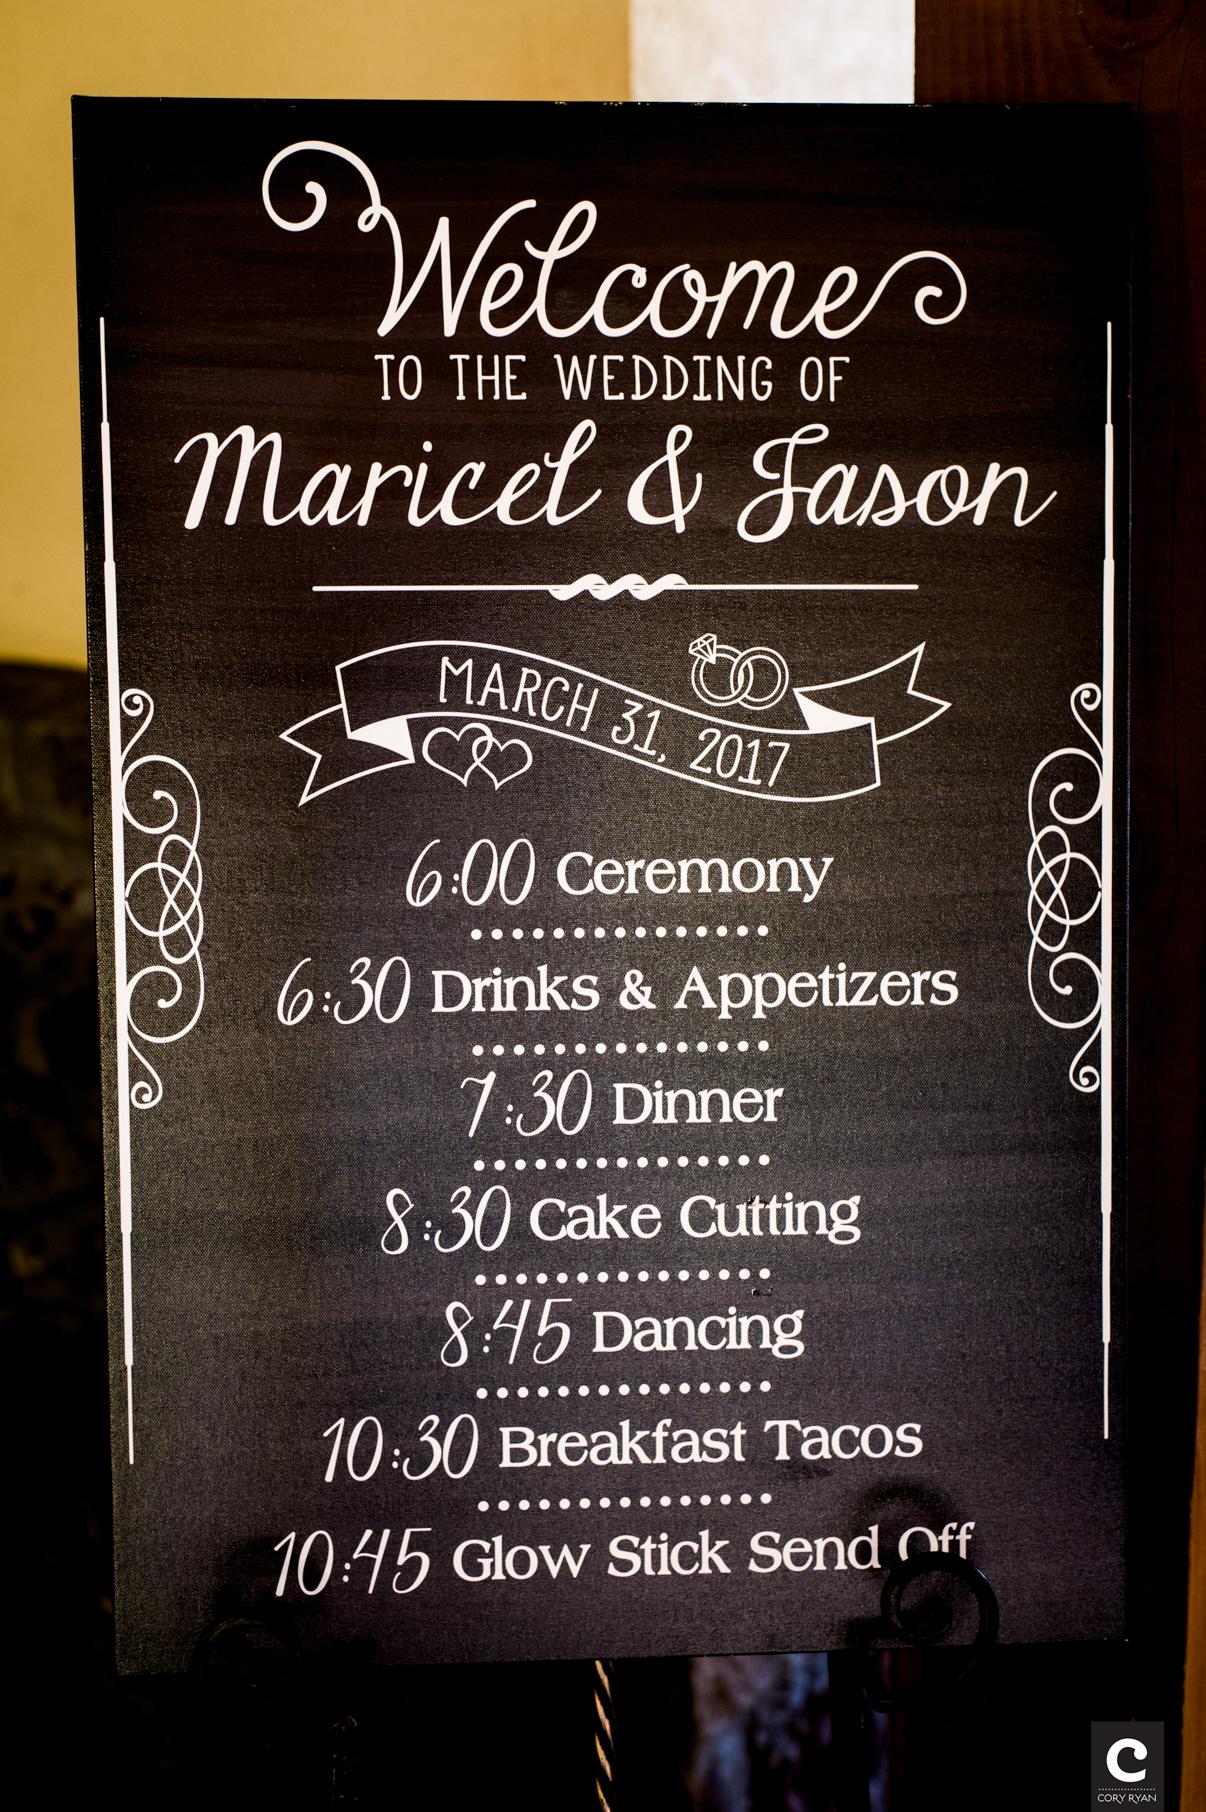 Maricel-Jason-Wedding-400.jpg